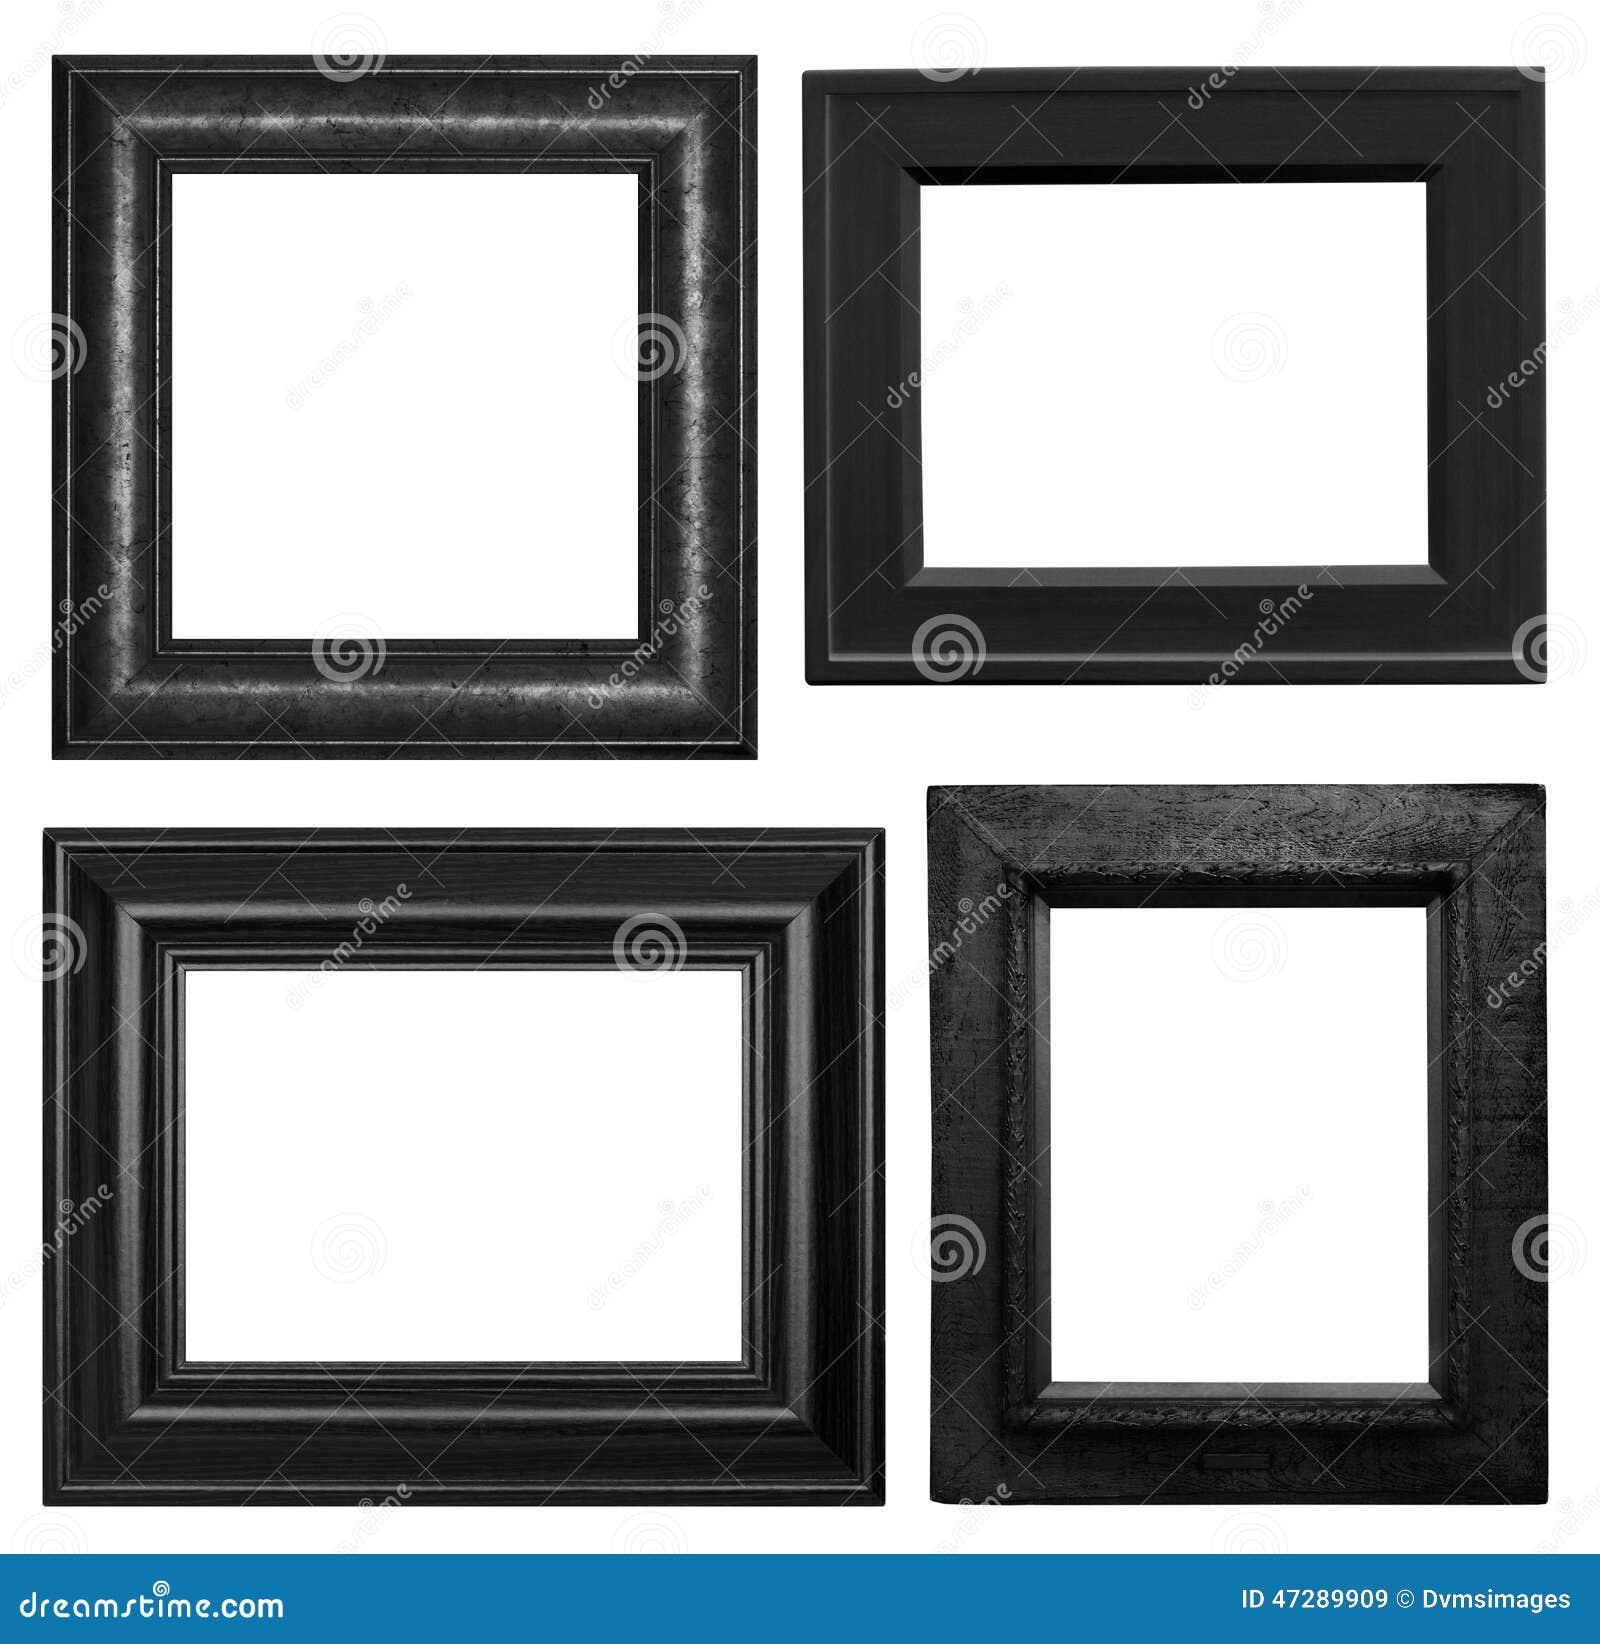 рамки чёрные для фото